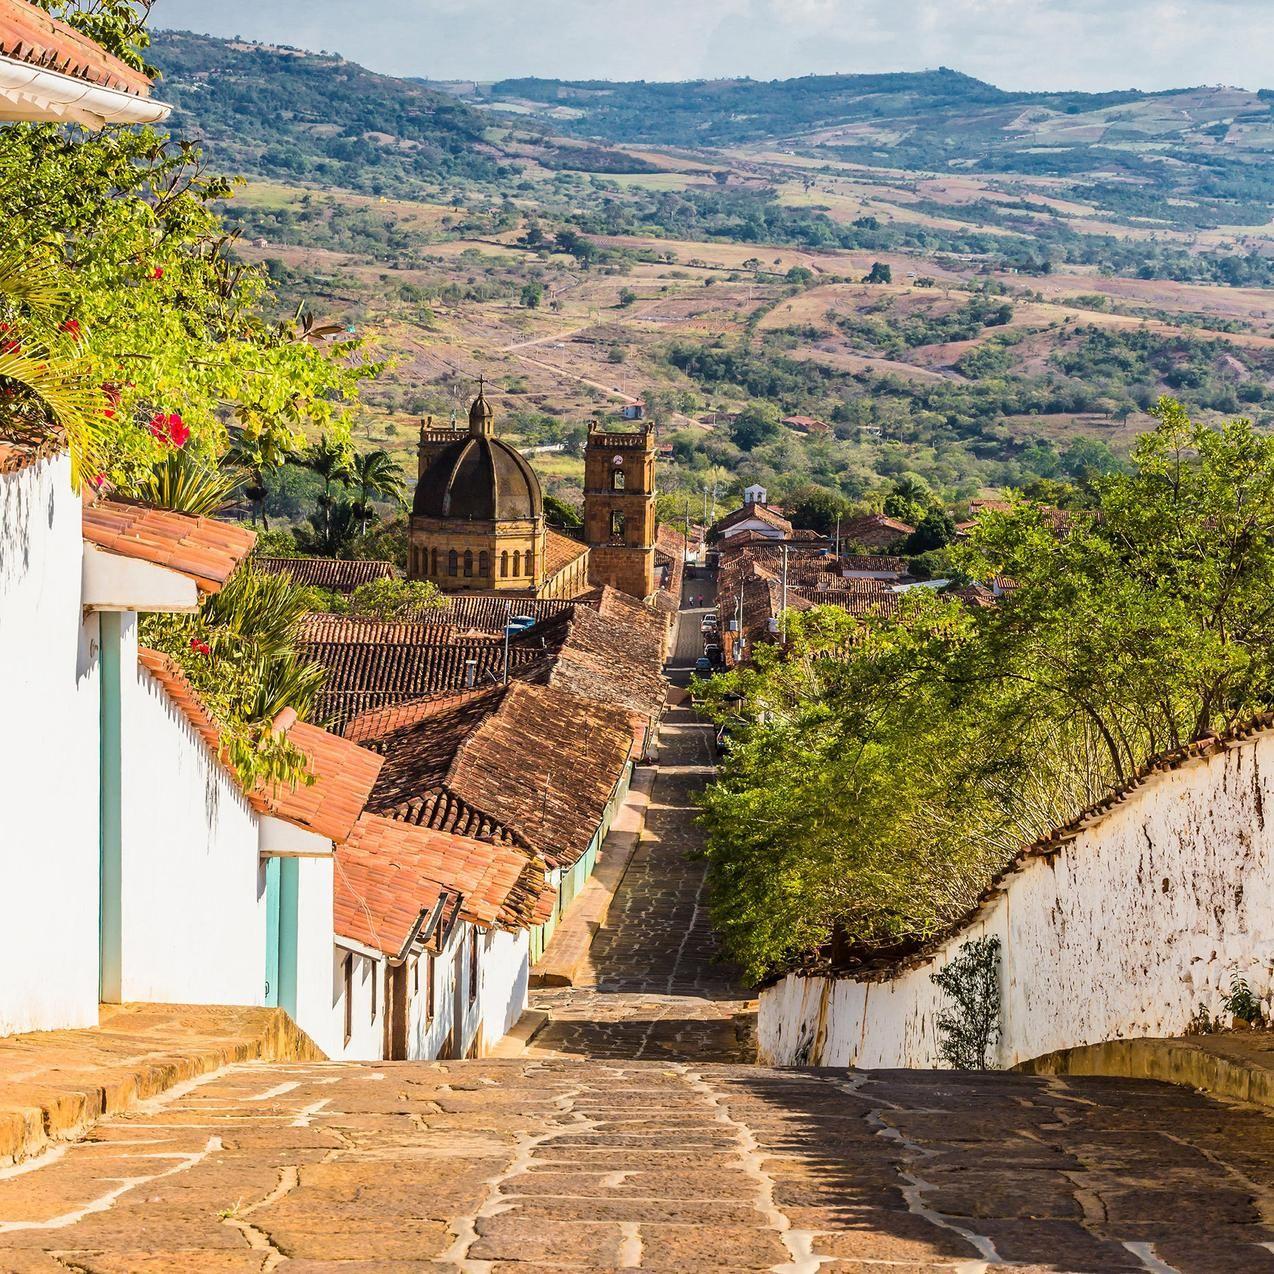 콜롬비아 동부 산악지대에 있는 Barichara, Barichara, in Colombia's eastern mountains, PHOTO by ALAMY